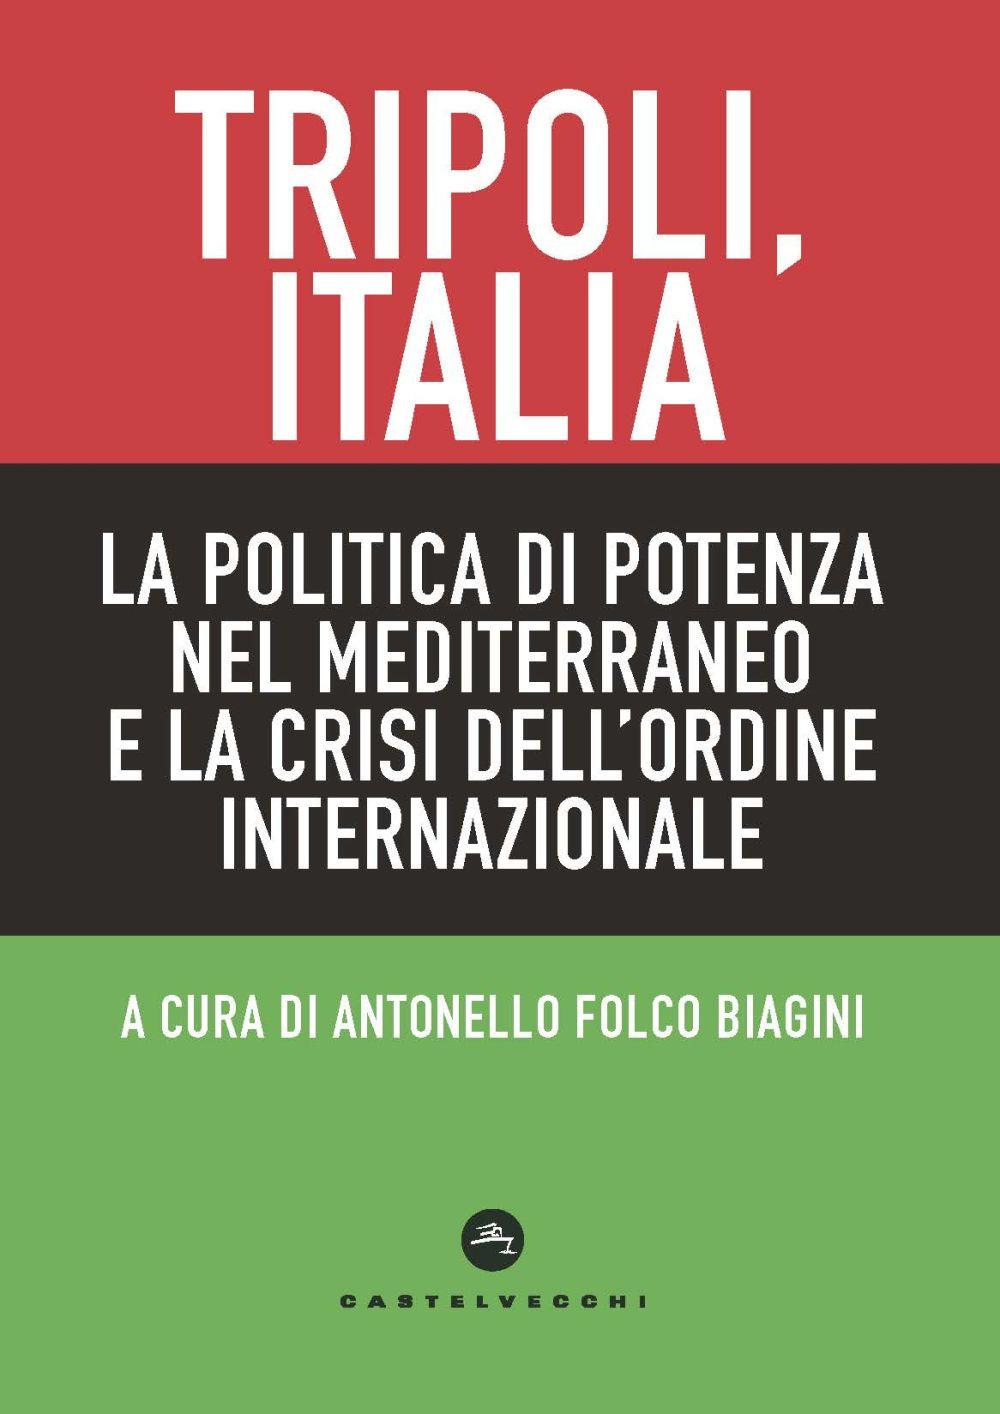 TRIPOLI, ITALIA. POLITICA DI POTENZA NEL MEDITERRANEO - 9788832829631